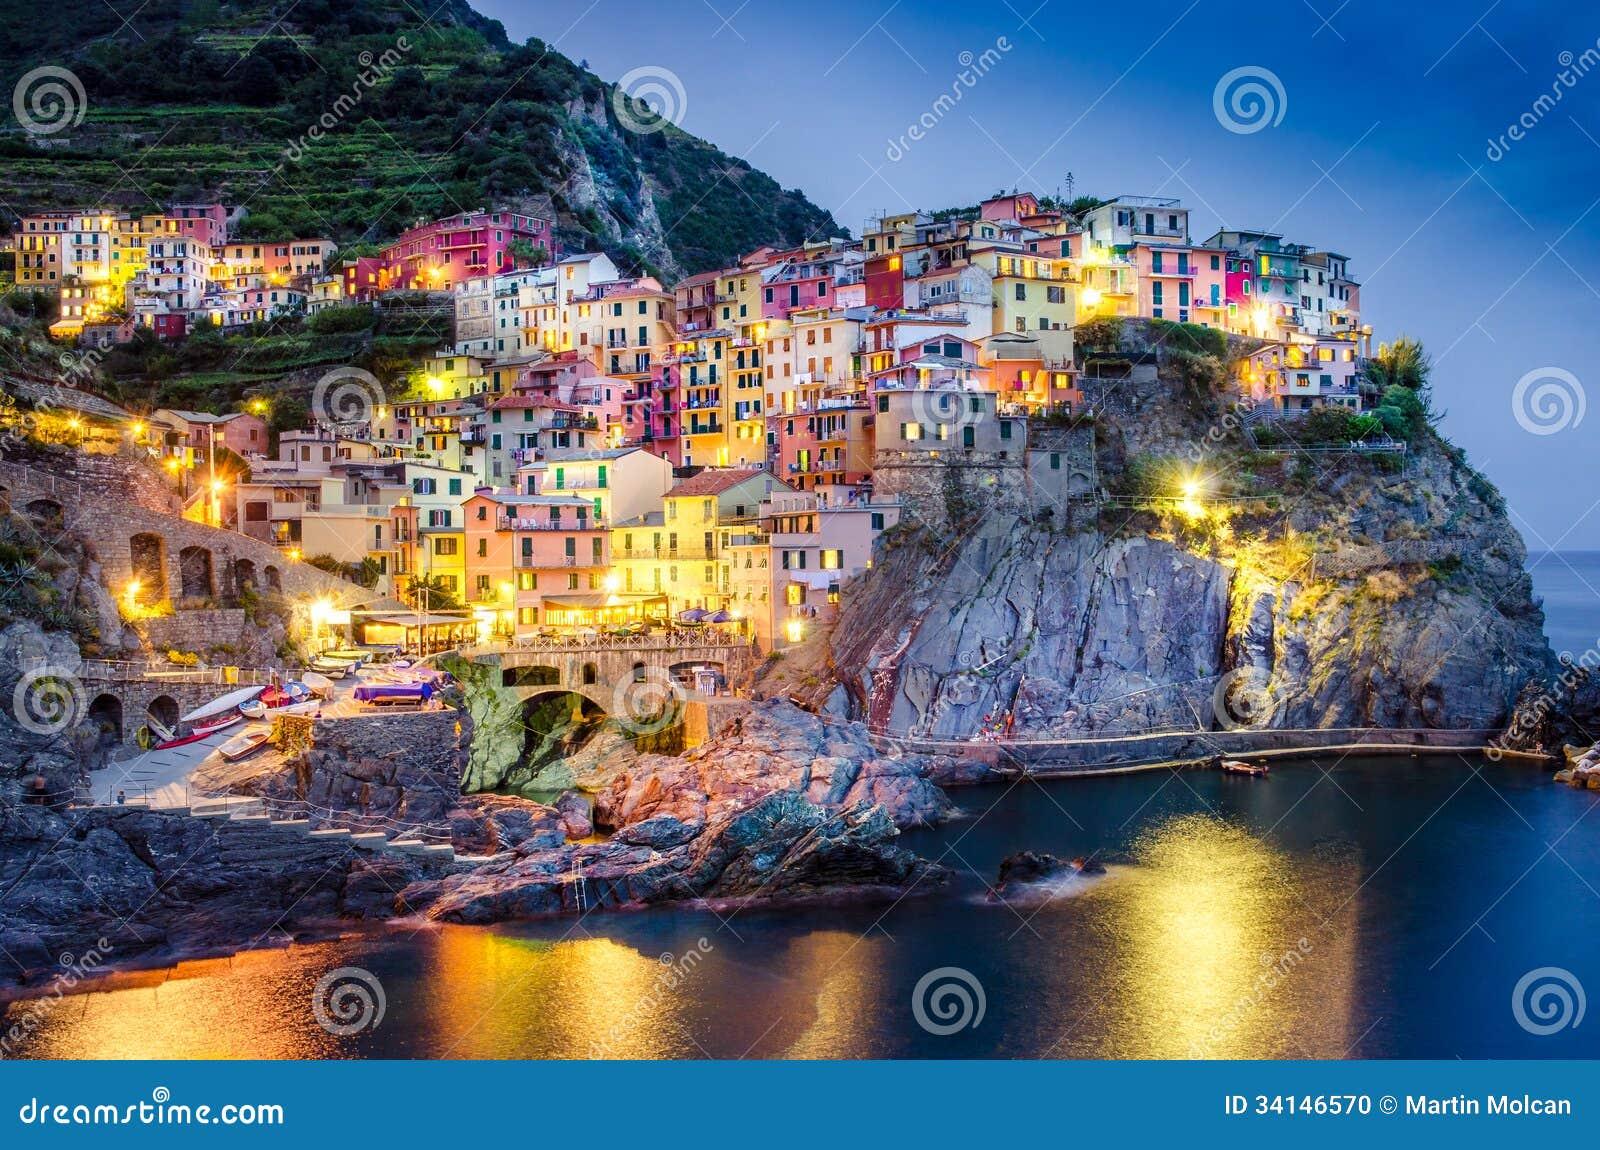 Scenic night view of colorful village Manarola in Cinque Terre